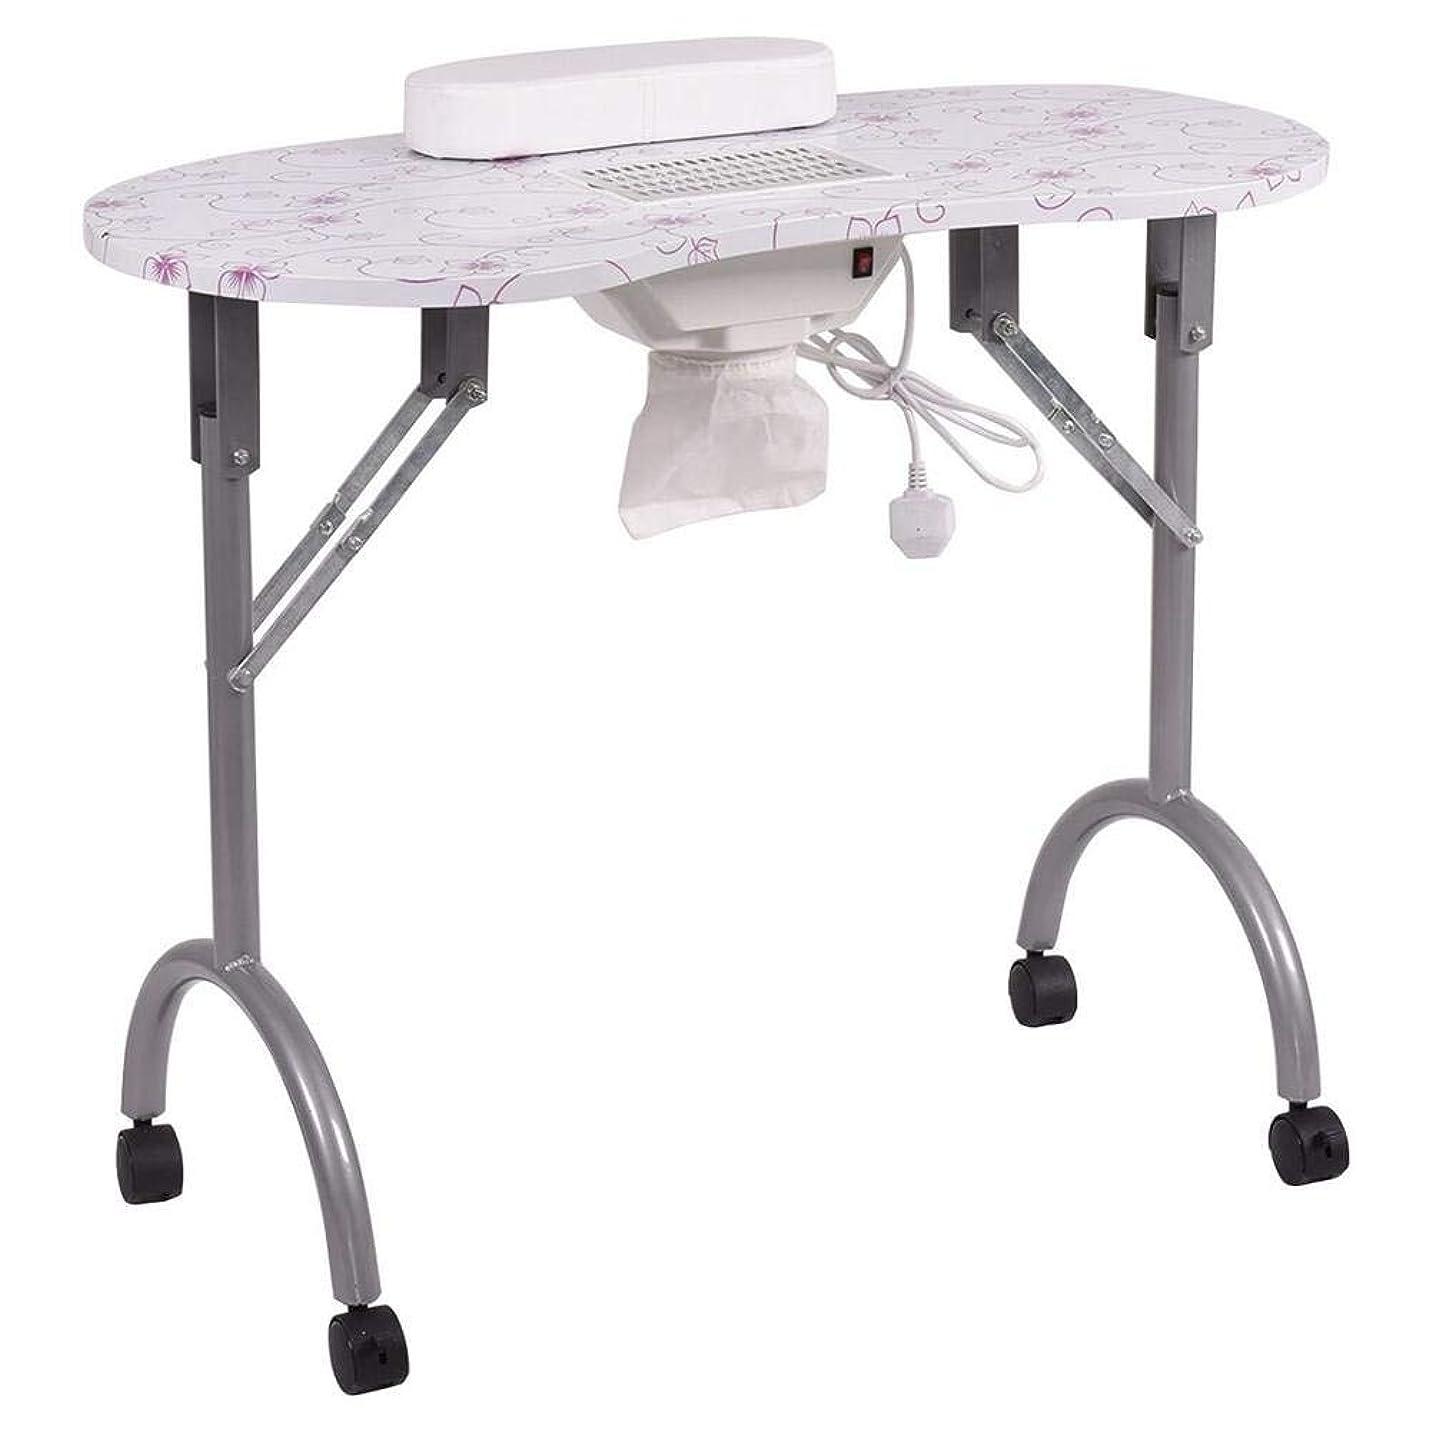 虐待怒ってマイルネイルテーブル折りたたみ式ポータブルマニキュアテーブルベントマニキュアワークステーションネイルデスクサロンスパネイル掃除機andbag